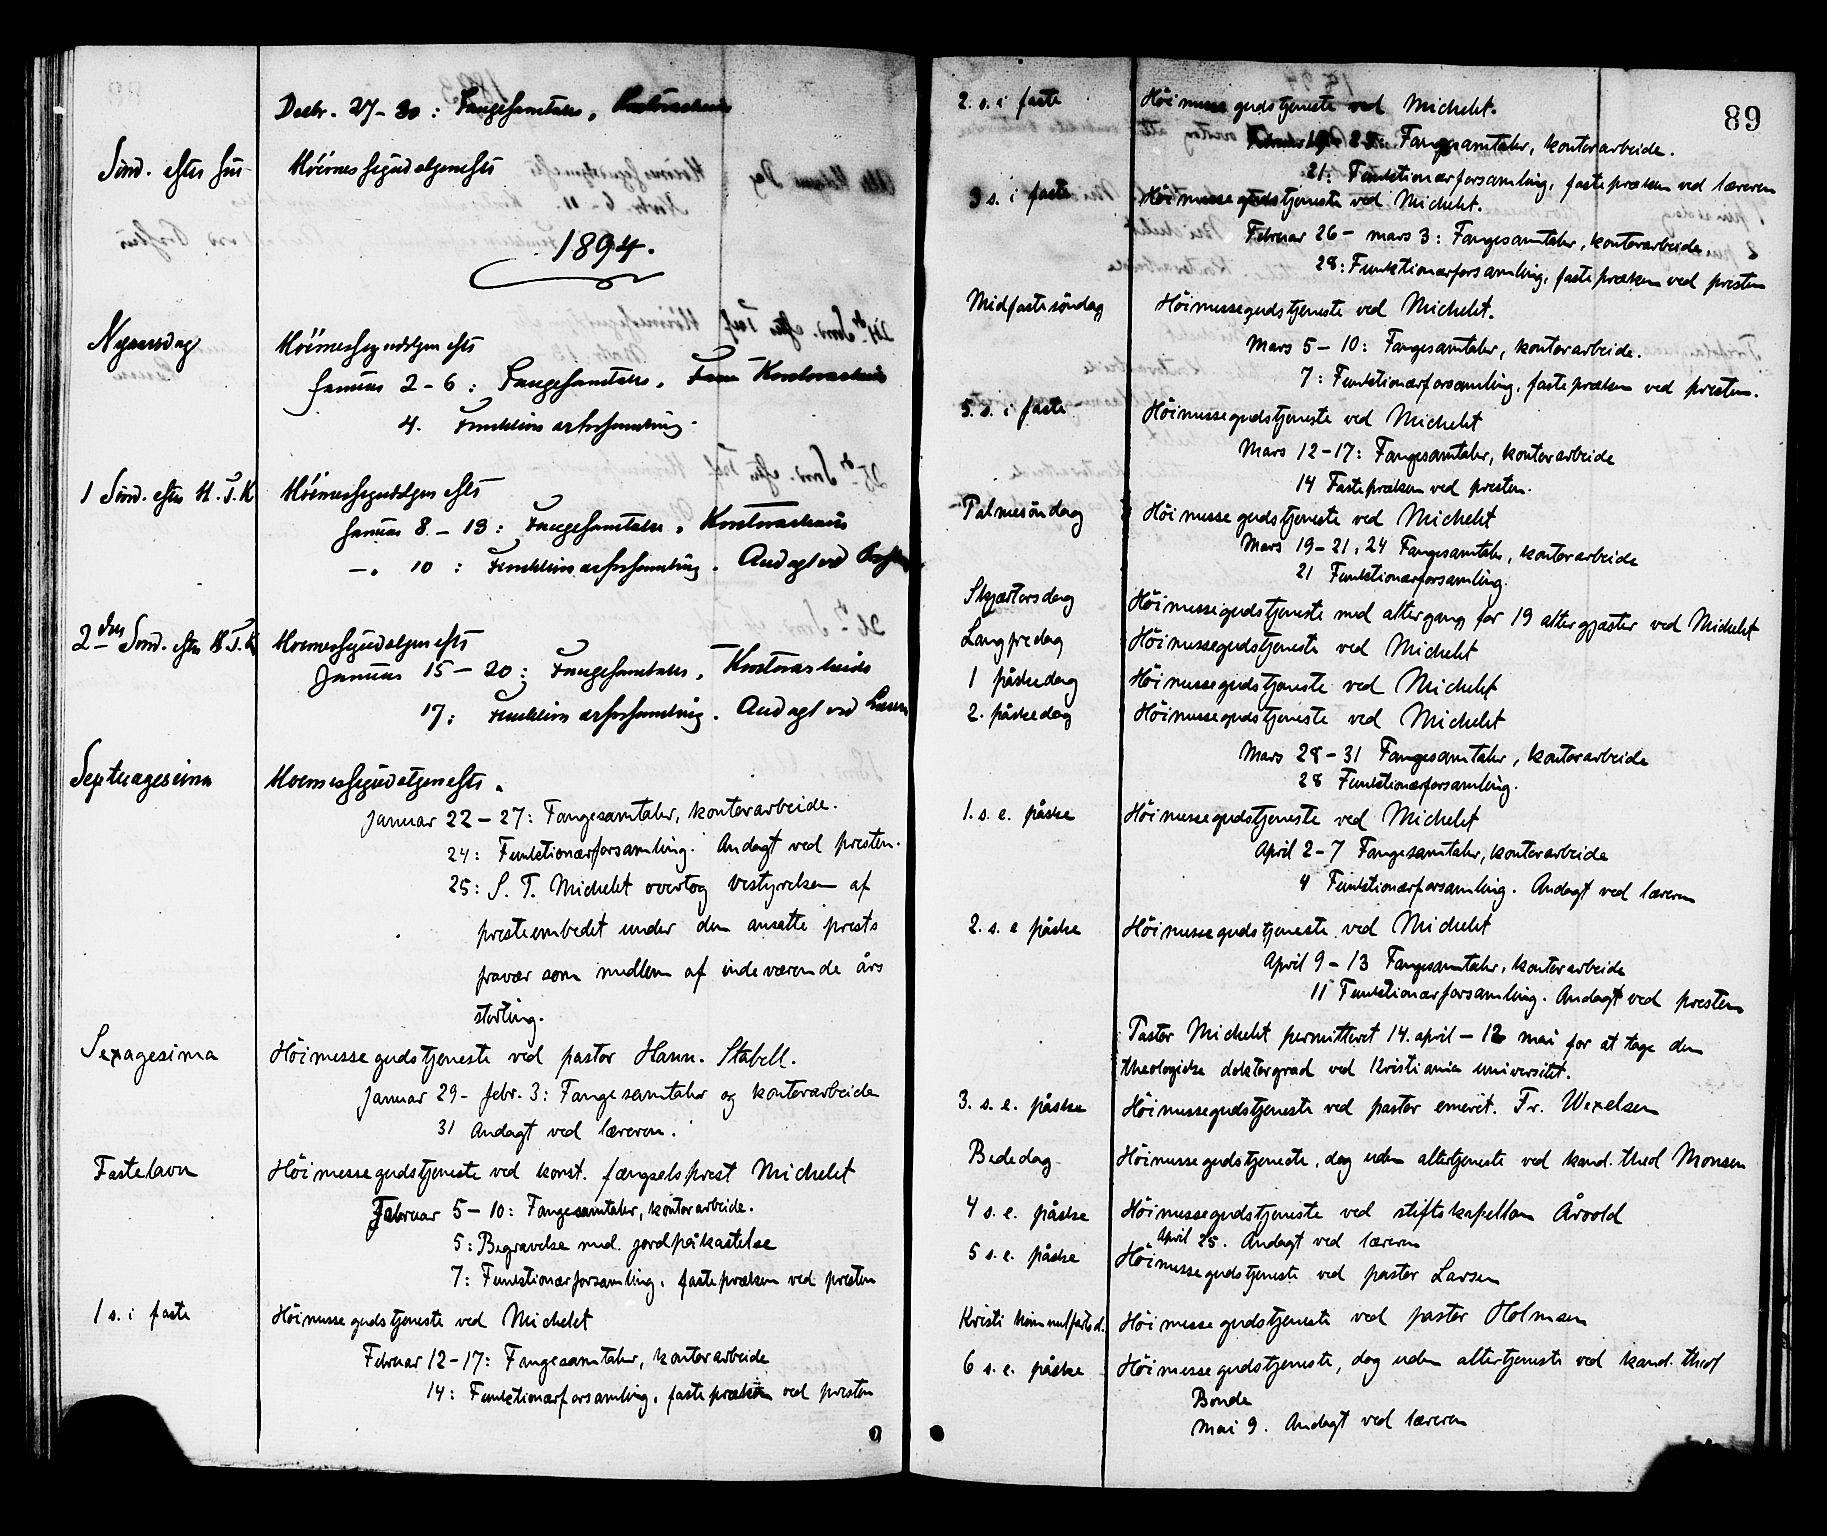 SAT, Ministerialprotokoller, klokkerbøker og fødselsregistre - Sør-Trøndelag, 624/L0482: Ministerialbok nr. 624A03, 1870-1918, s. 89